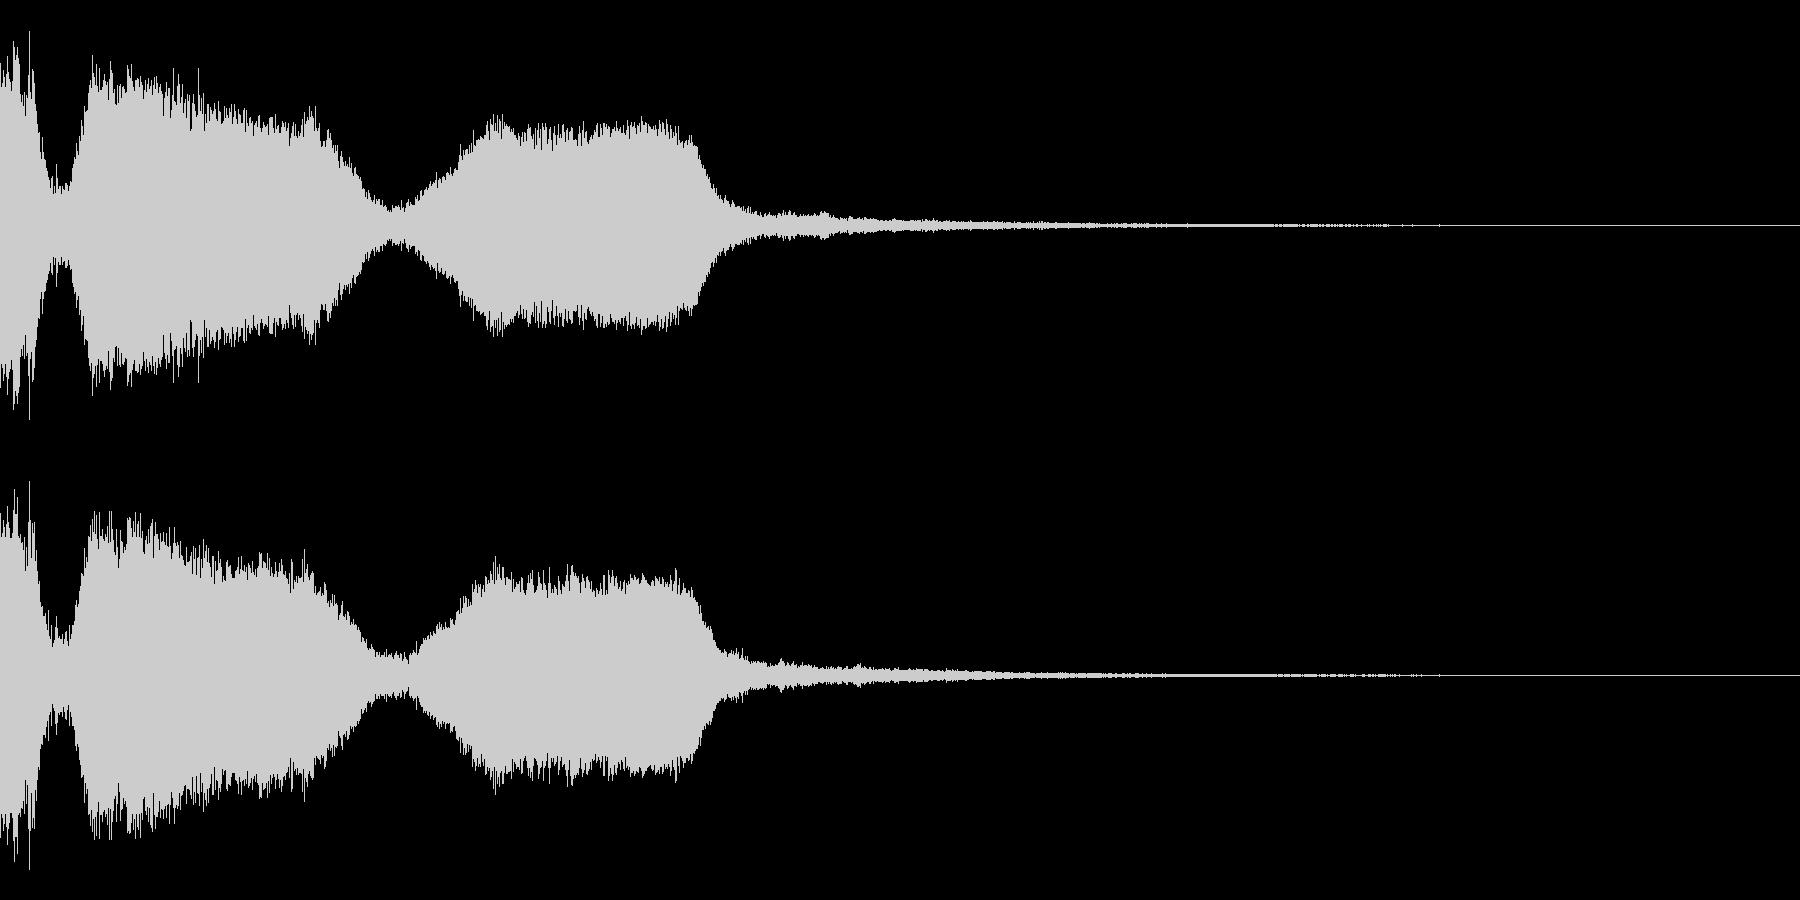 DJFX ヒットチャート発表前SE 6の未再生の波形